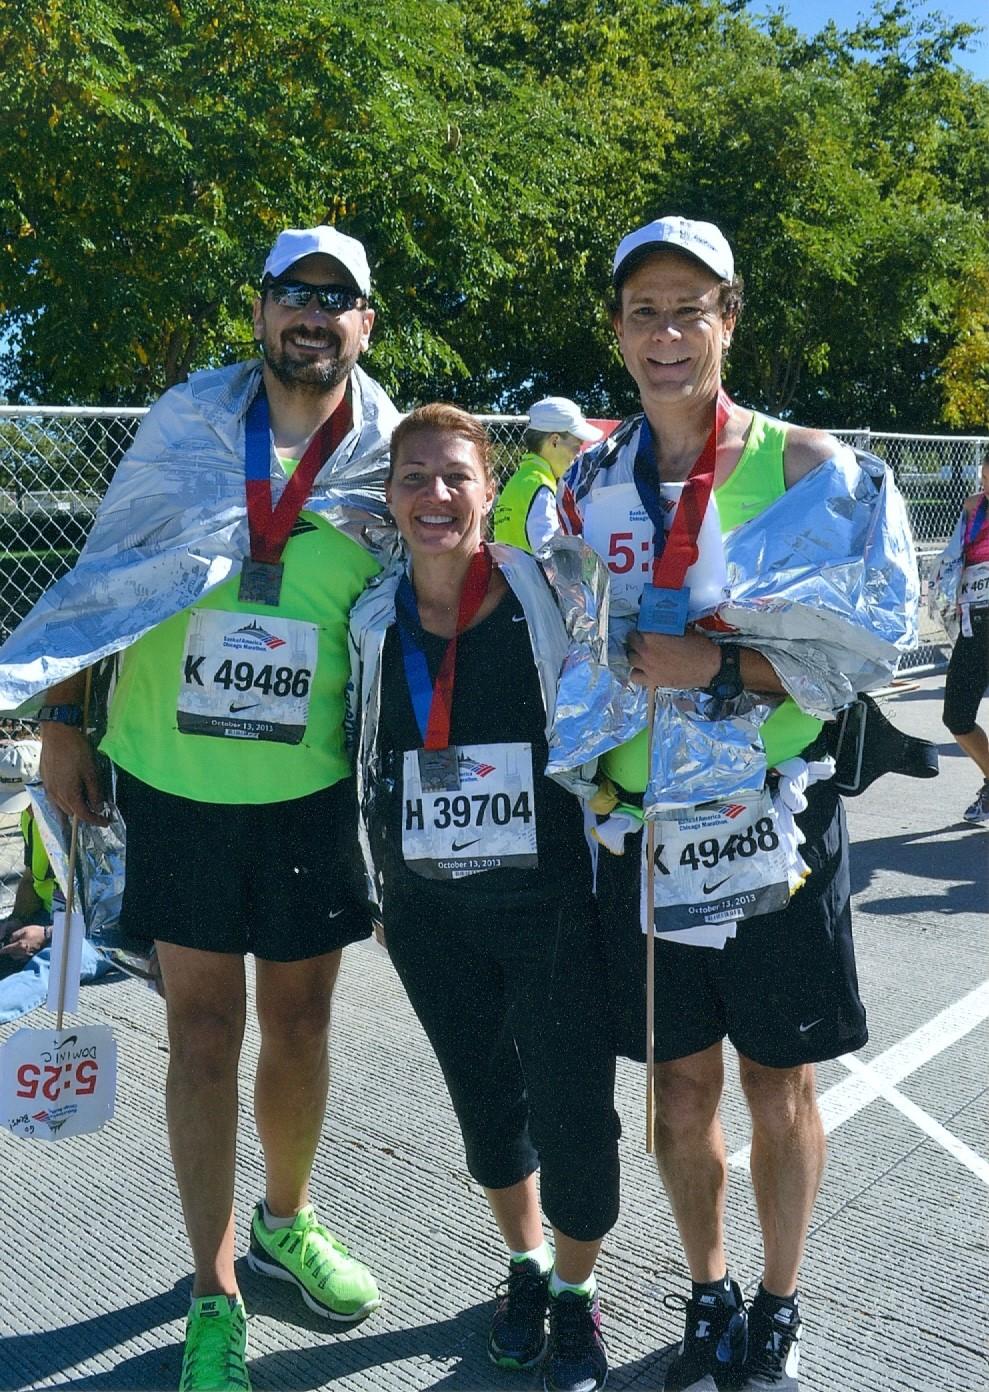 2013 Marathon Pacers